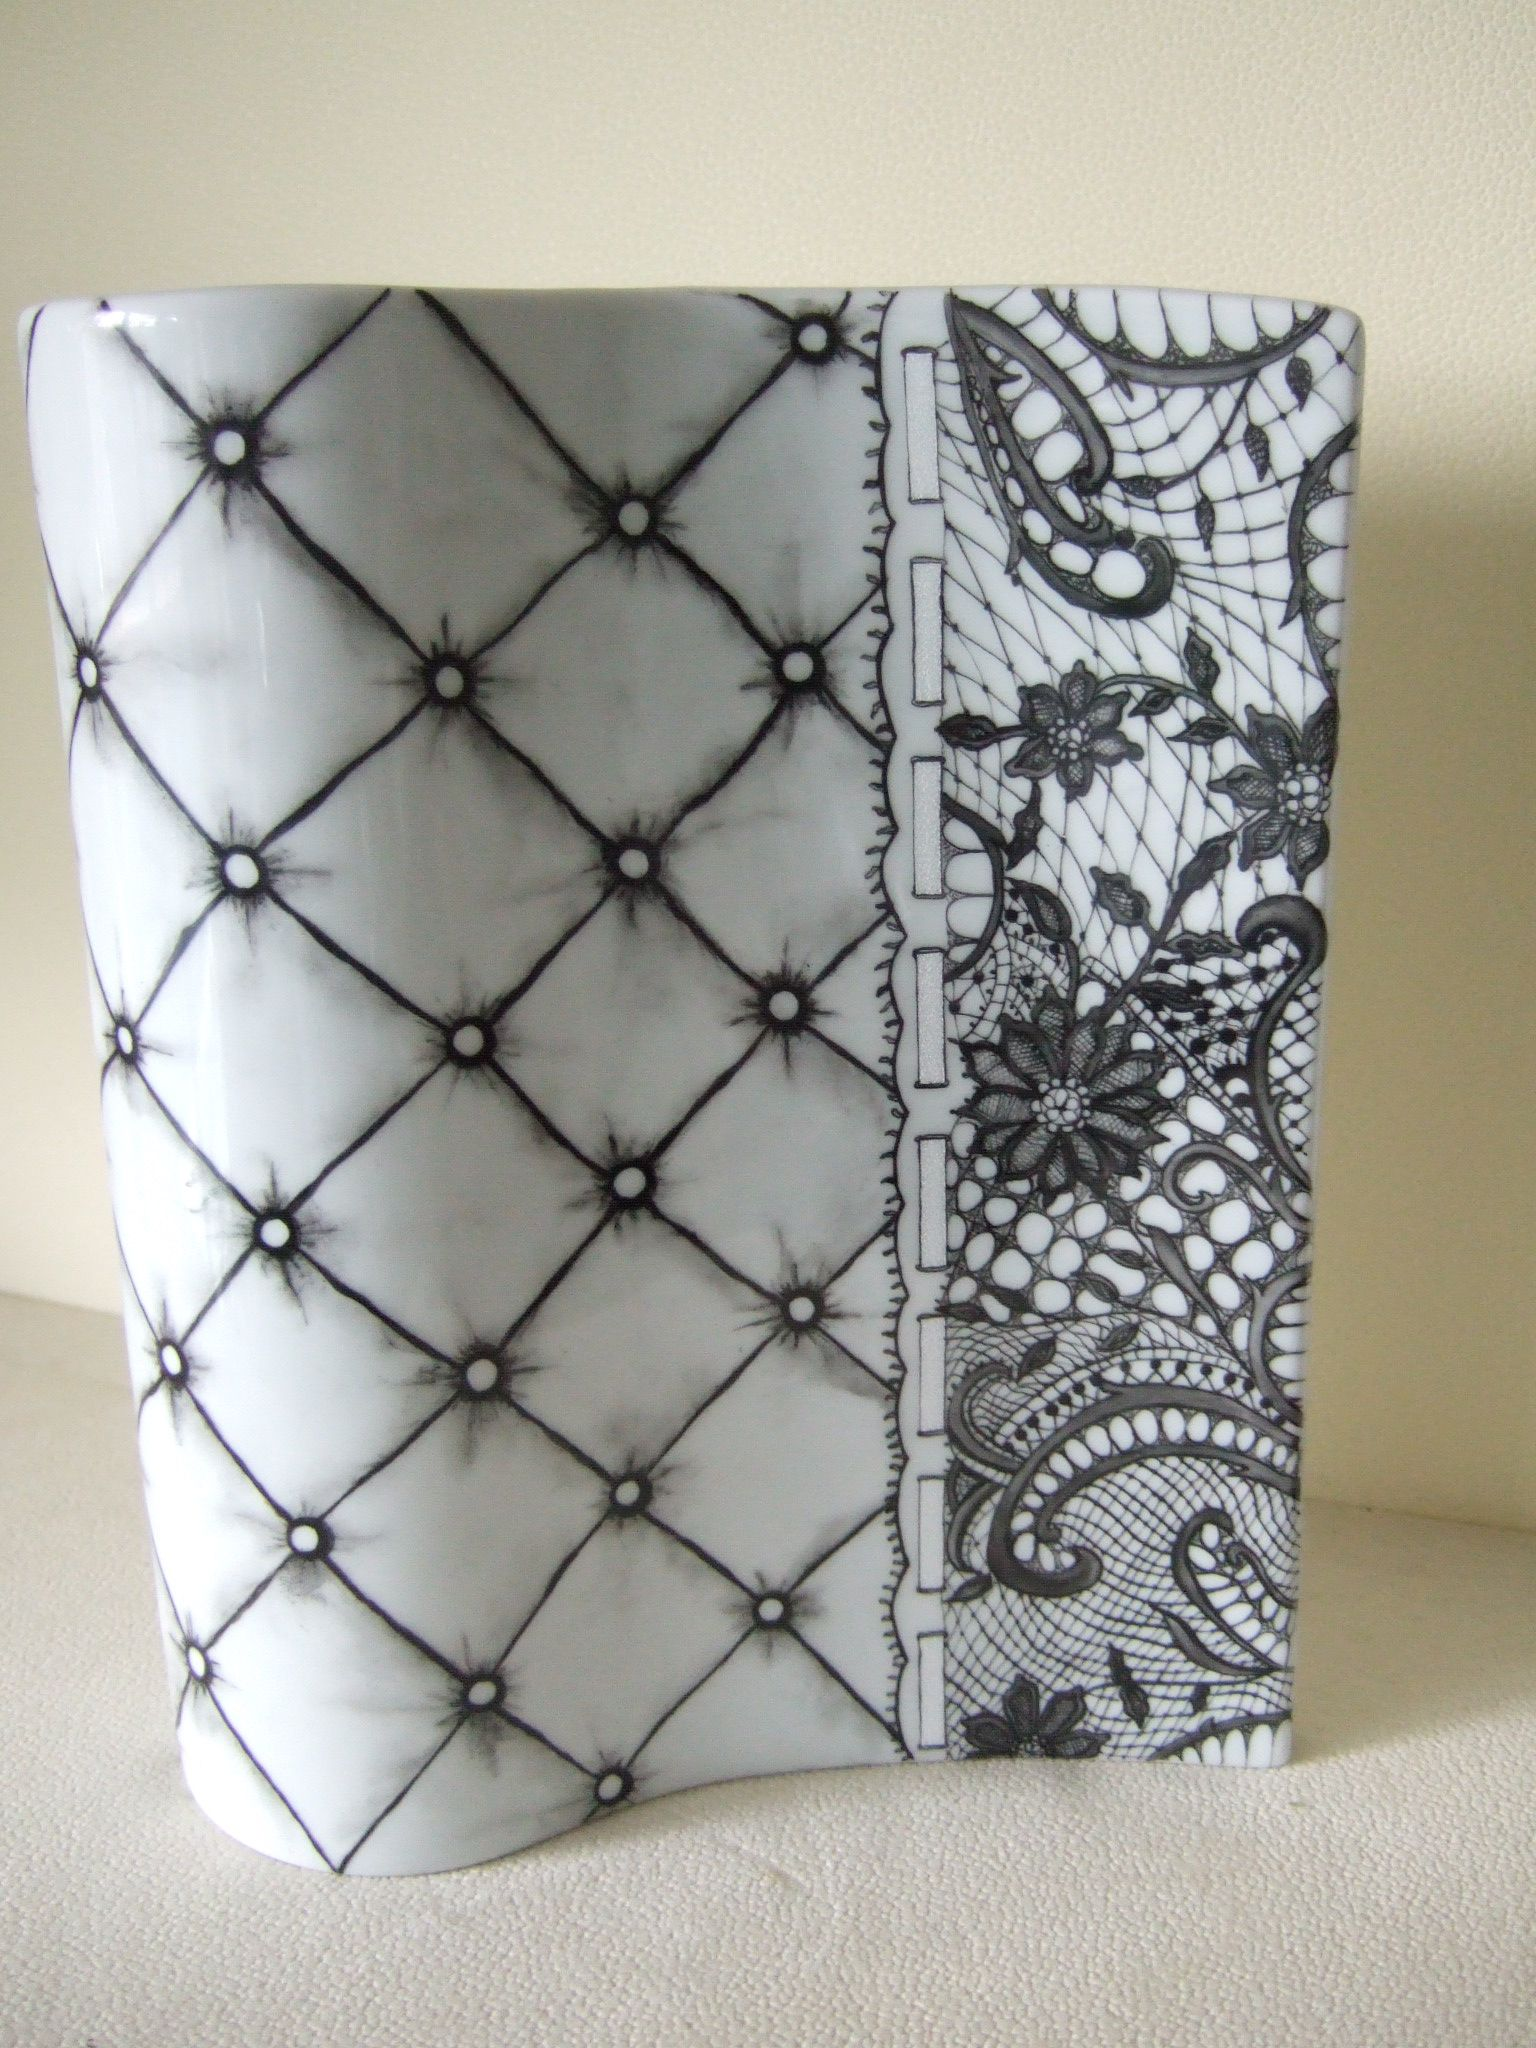 Comment Peindre De La Dentelle lace on porcelainolivia guez | peinture sur porcelaine